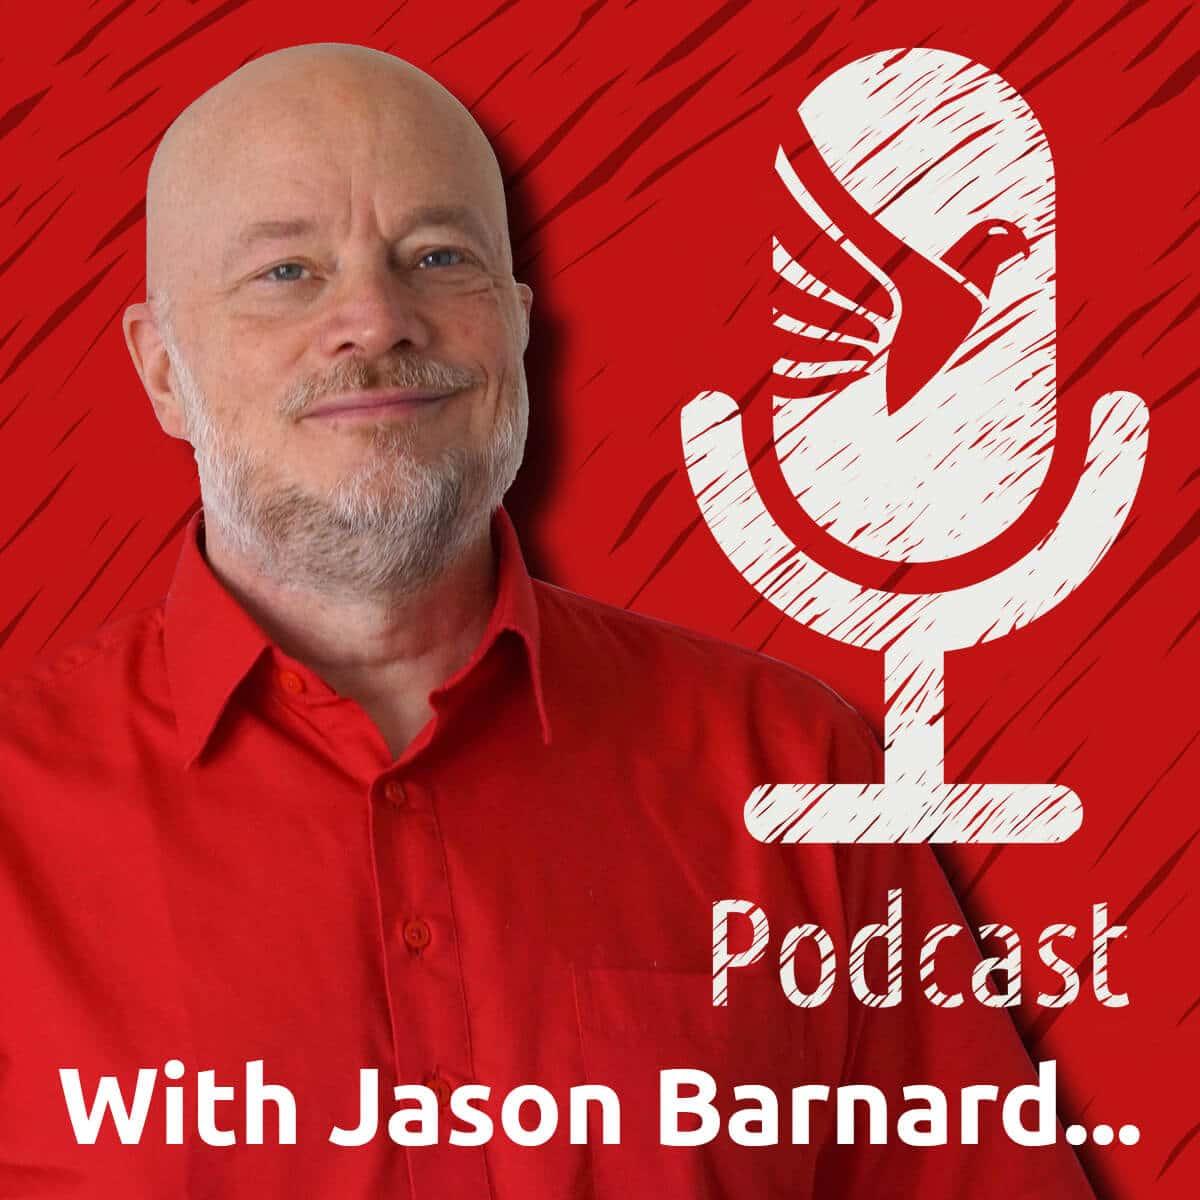 With Jason Barnard... Podcast